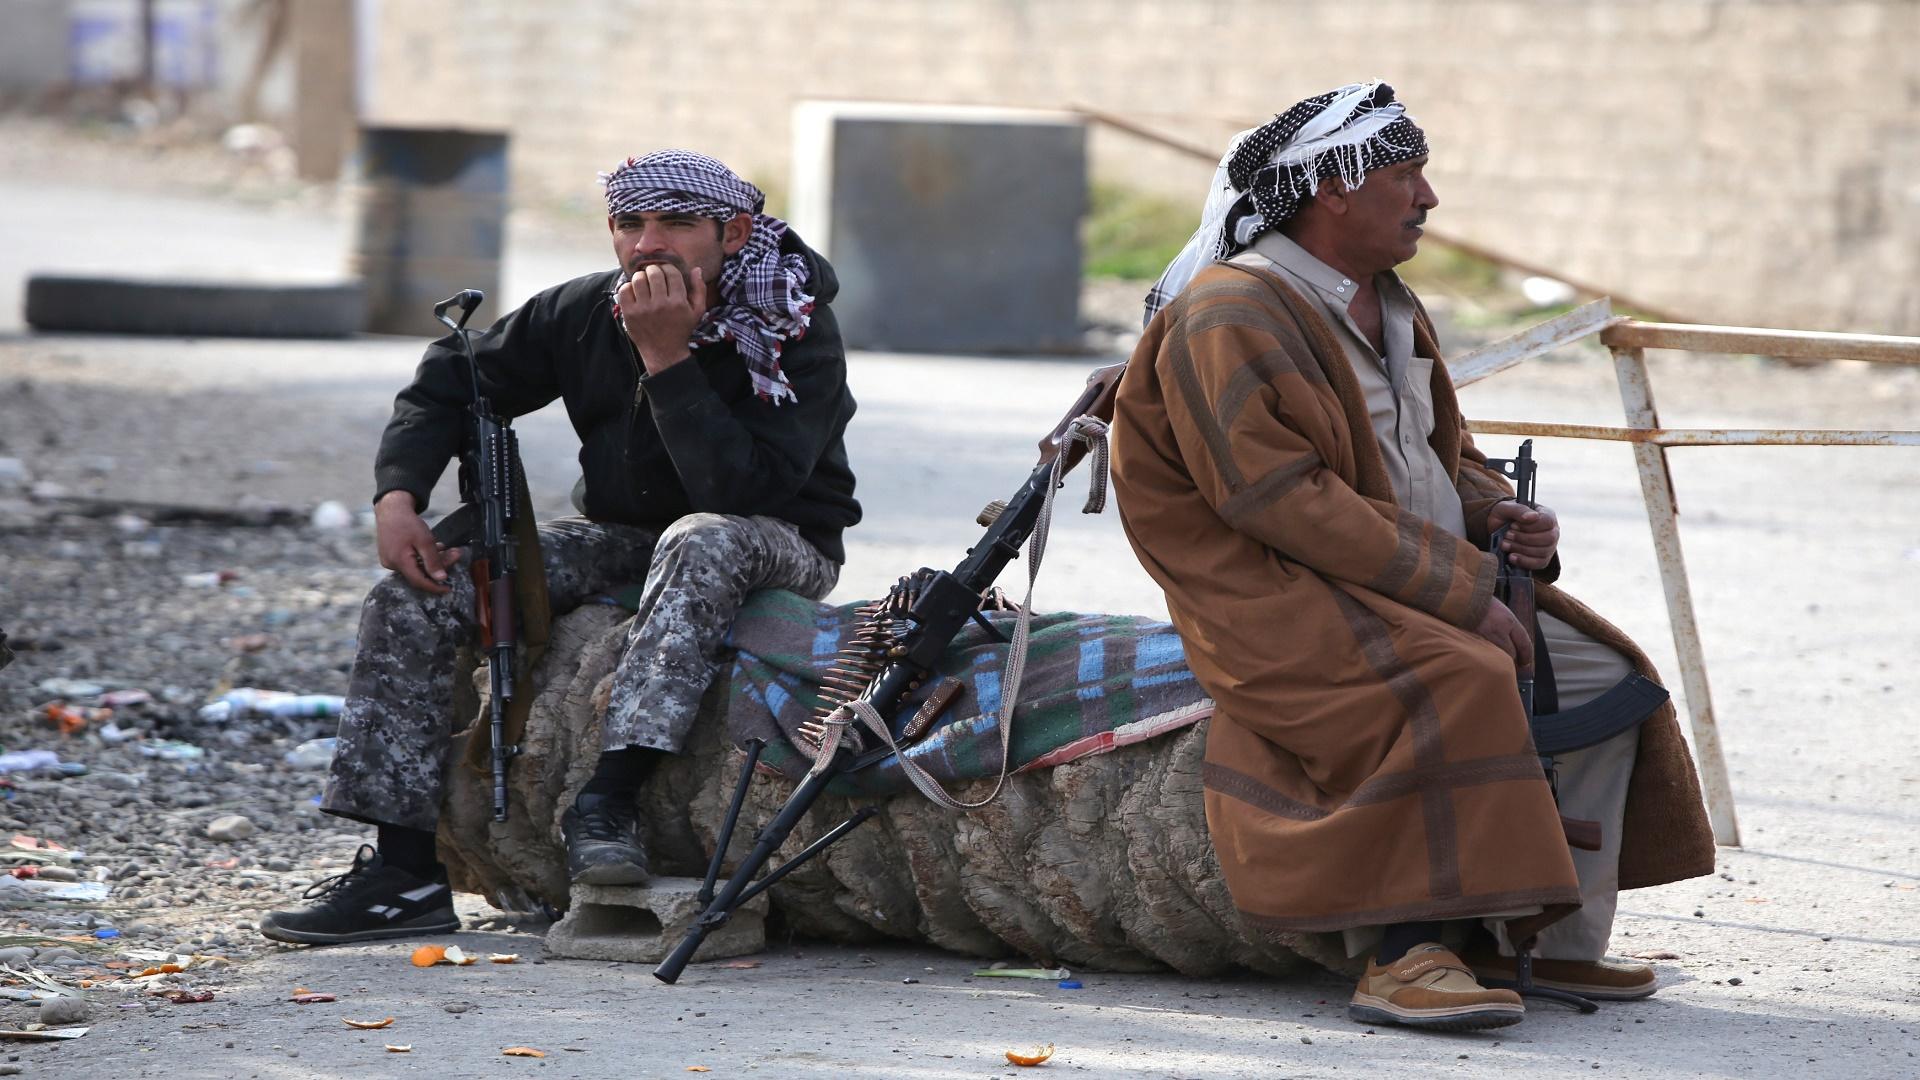 الرصاص الطائش.. تقليد عشائري يزدهر بالمدن ويصيب العراقيين بالجملة